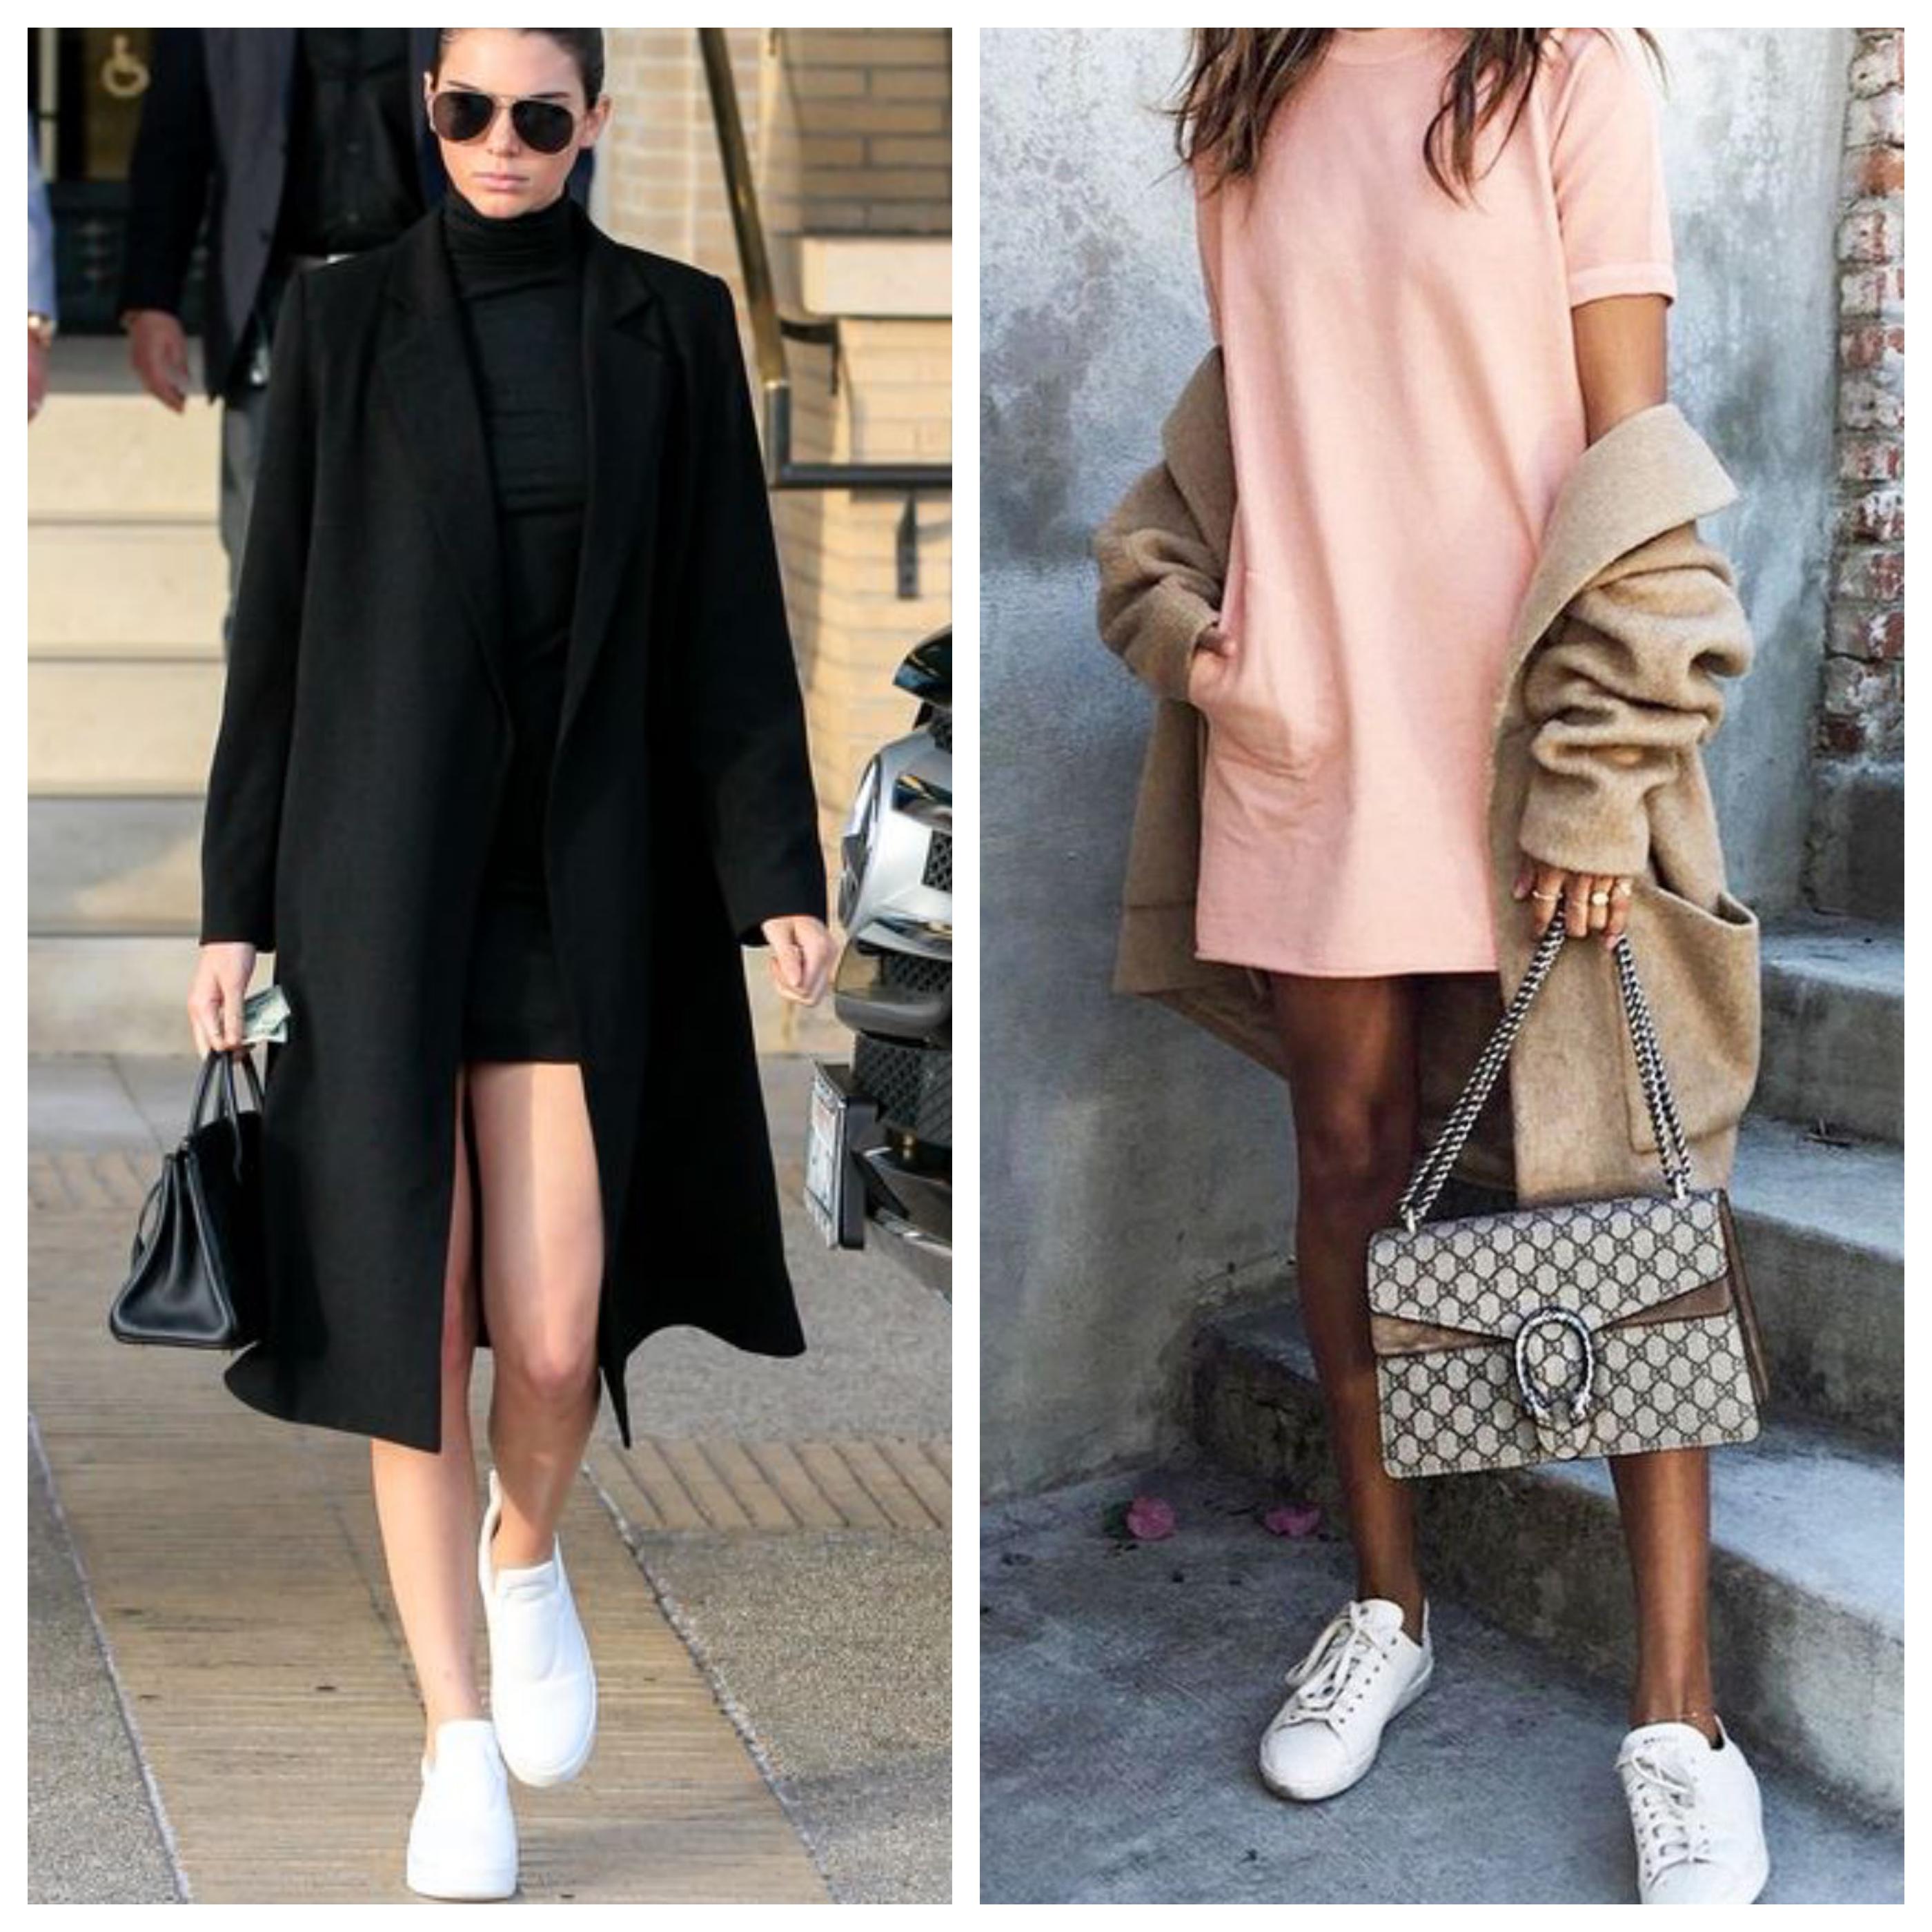 Пальто с кроссовками с платьем или юбкой